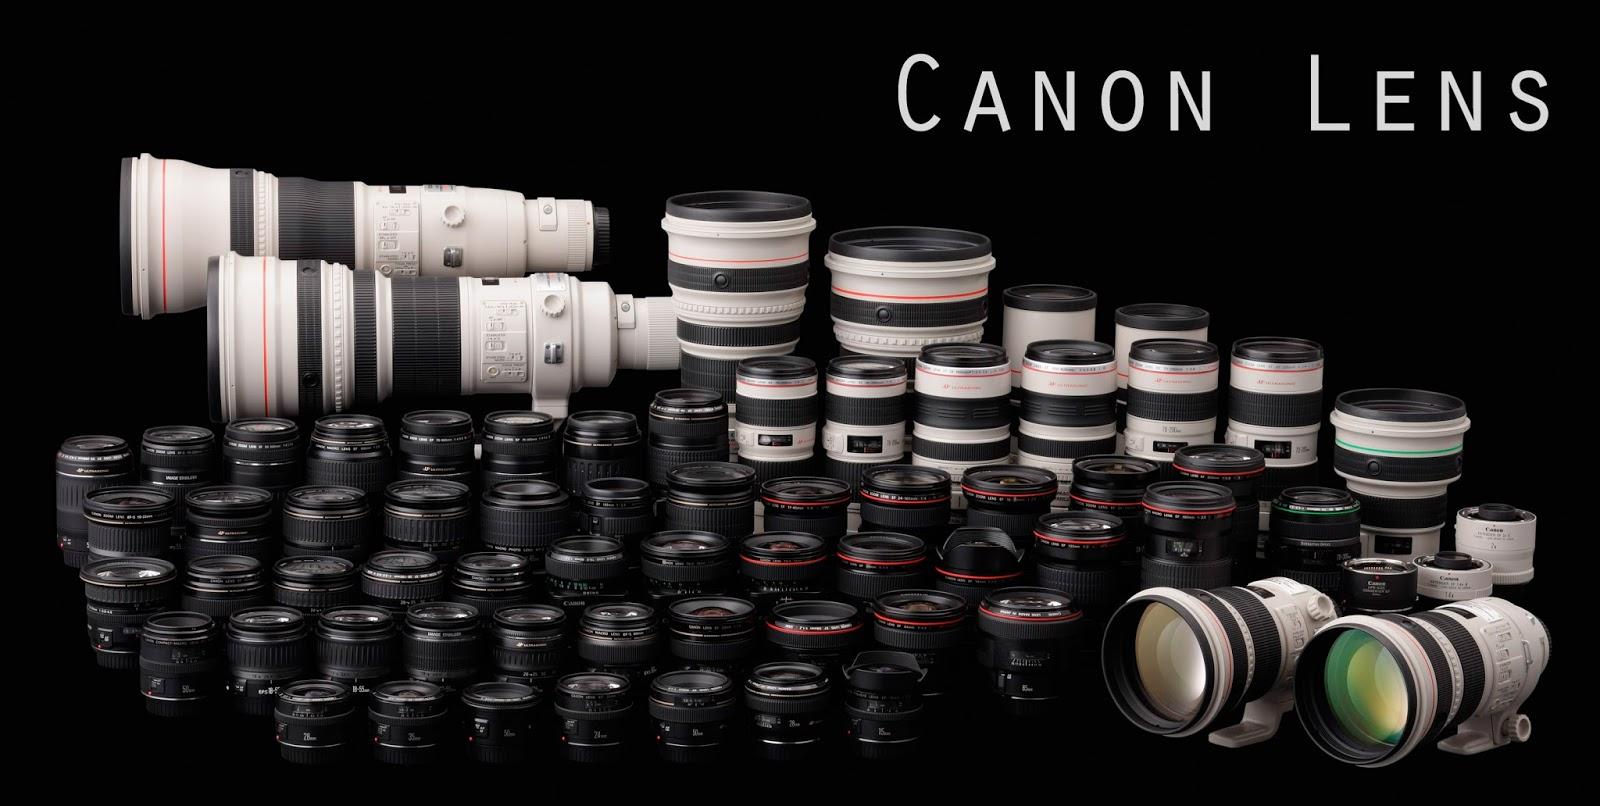 canon-lens-nomenclature